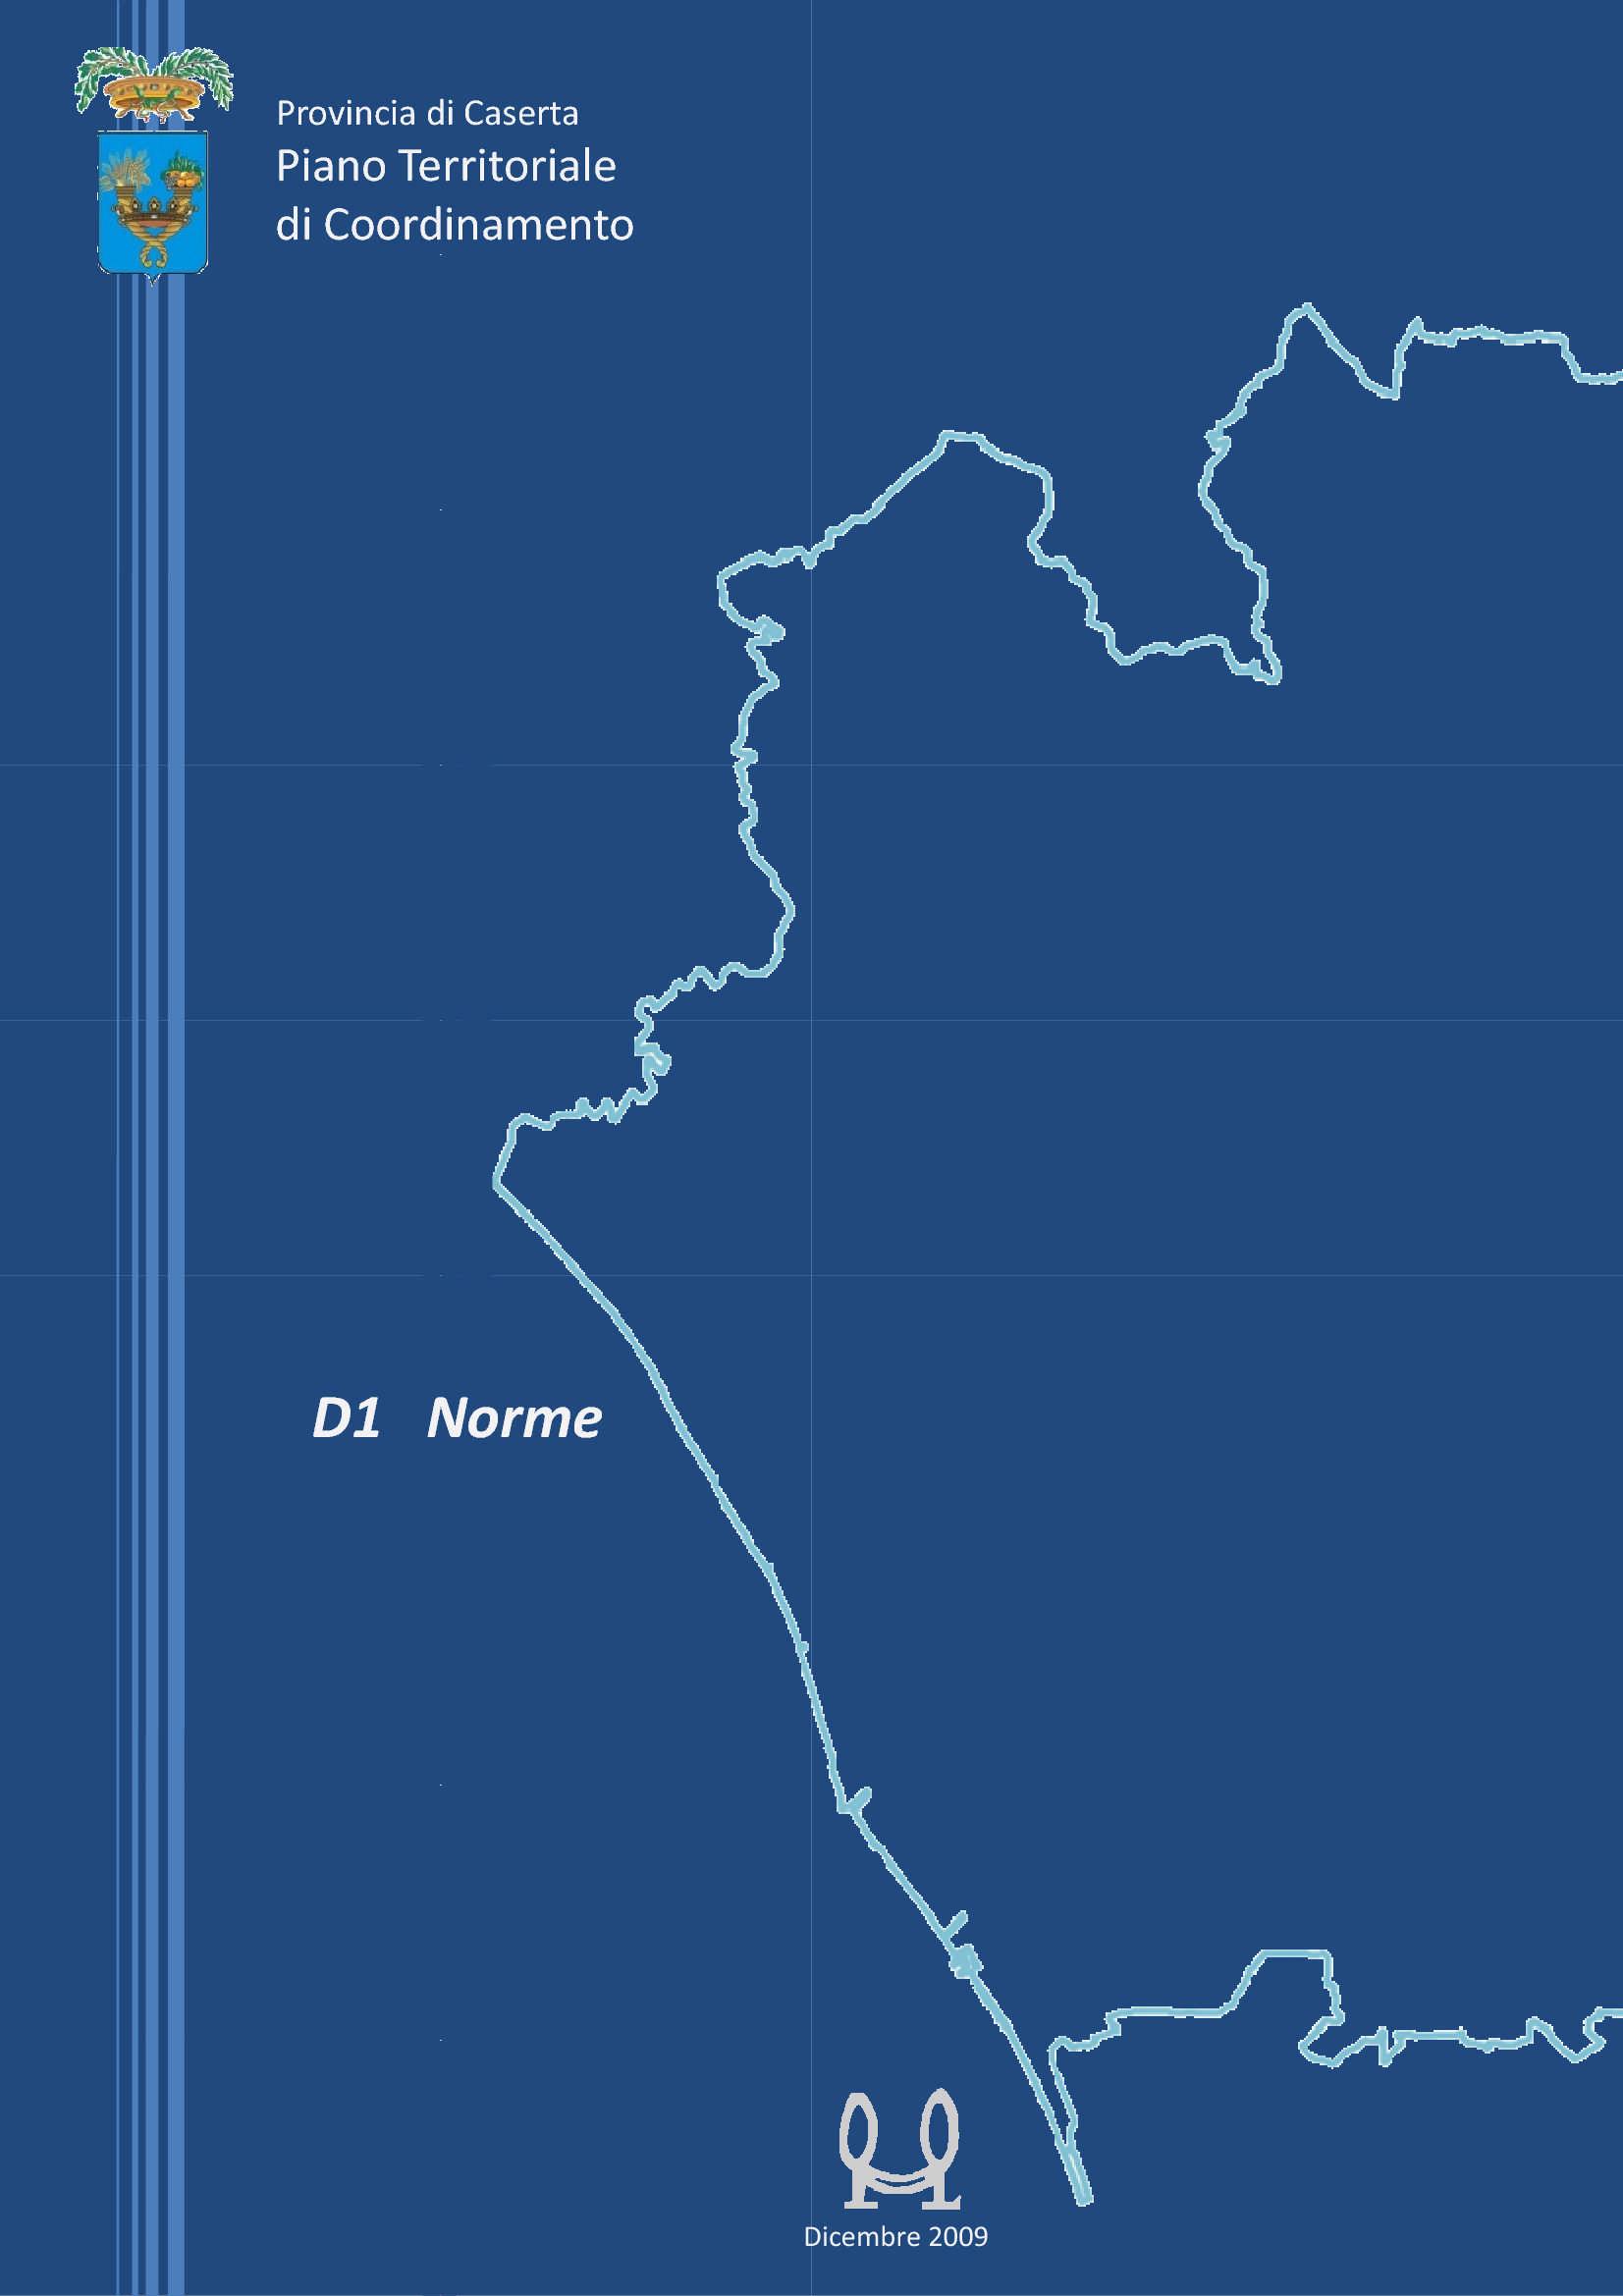 Piano terrotoriale coordinamento per la provincia Caserta